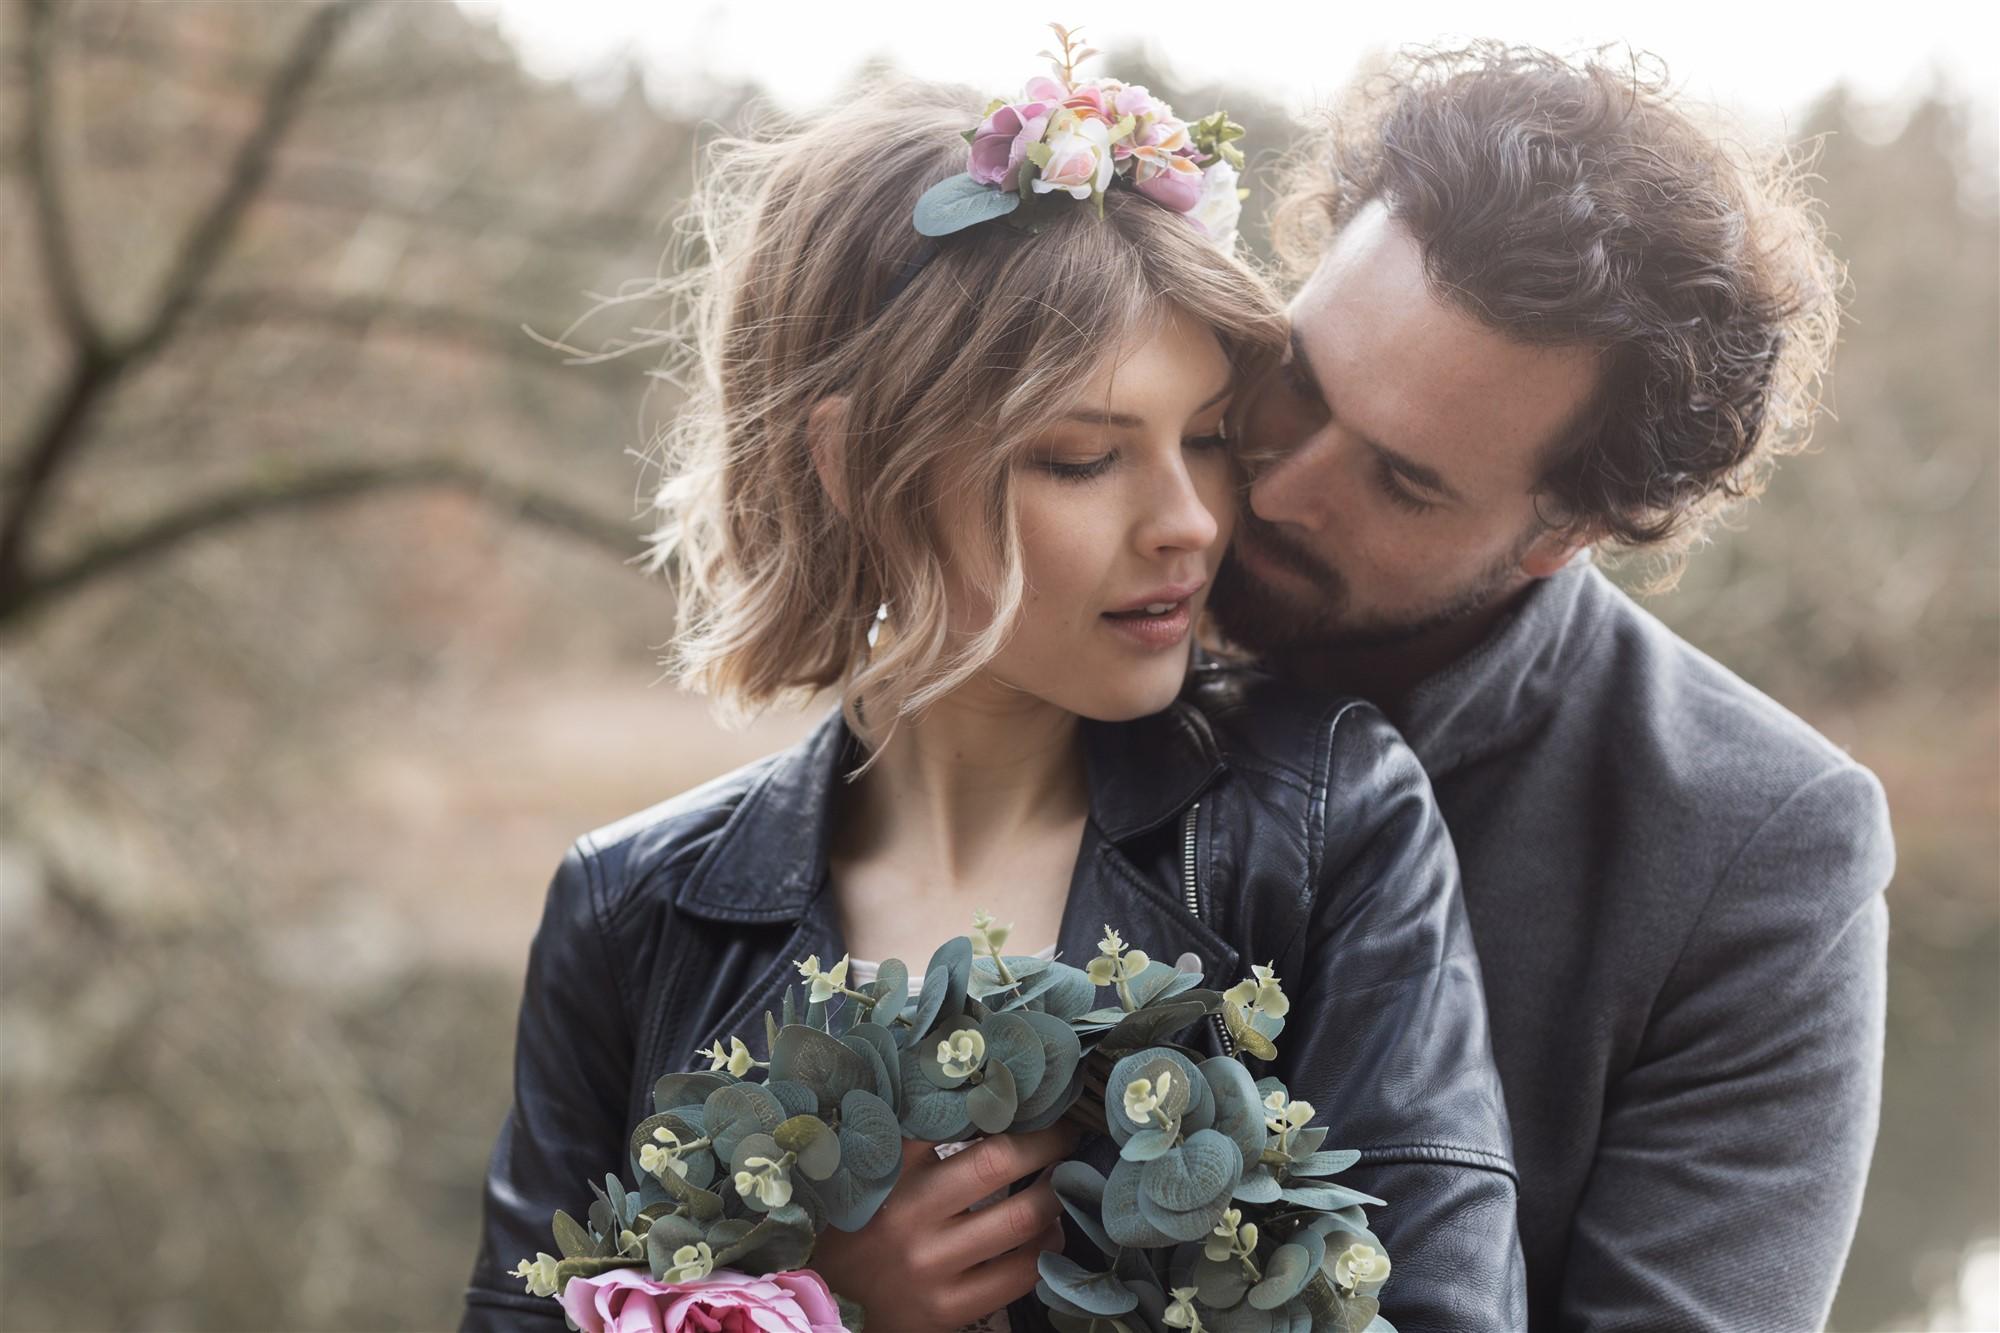 Romantisches Fotoshooting bei der Hochzeitsfotografin Nicole.Gallery aus Basel